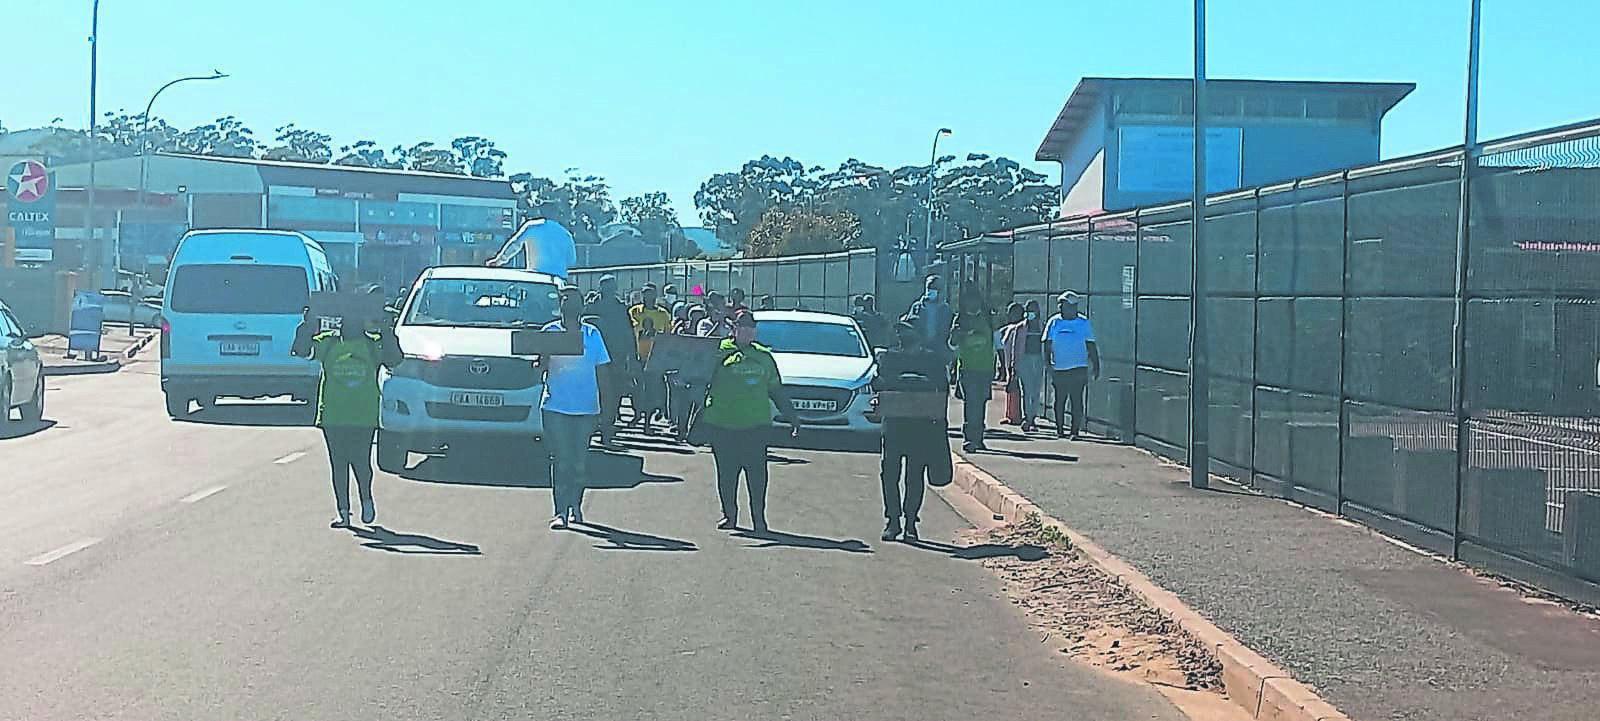 Inwoners en verskeie politieke partye het Dinsdag 5 Oktober na die plaaslike munisipale kantoor opgeruk nadat inwoners se water afgesny was.Foto: Murphy Roberts